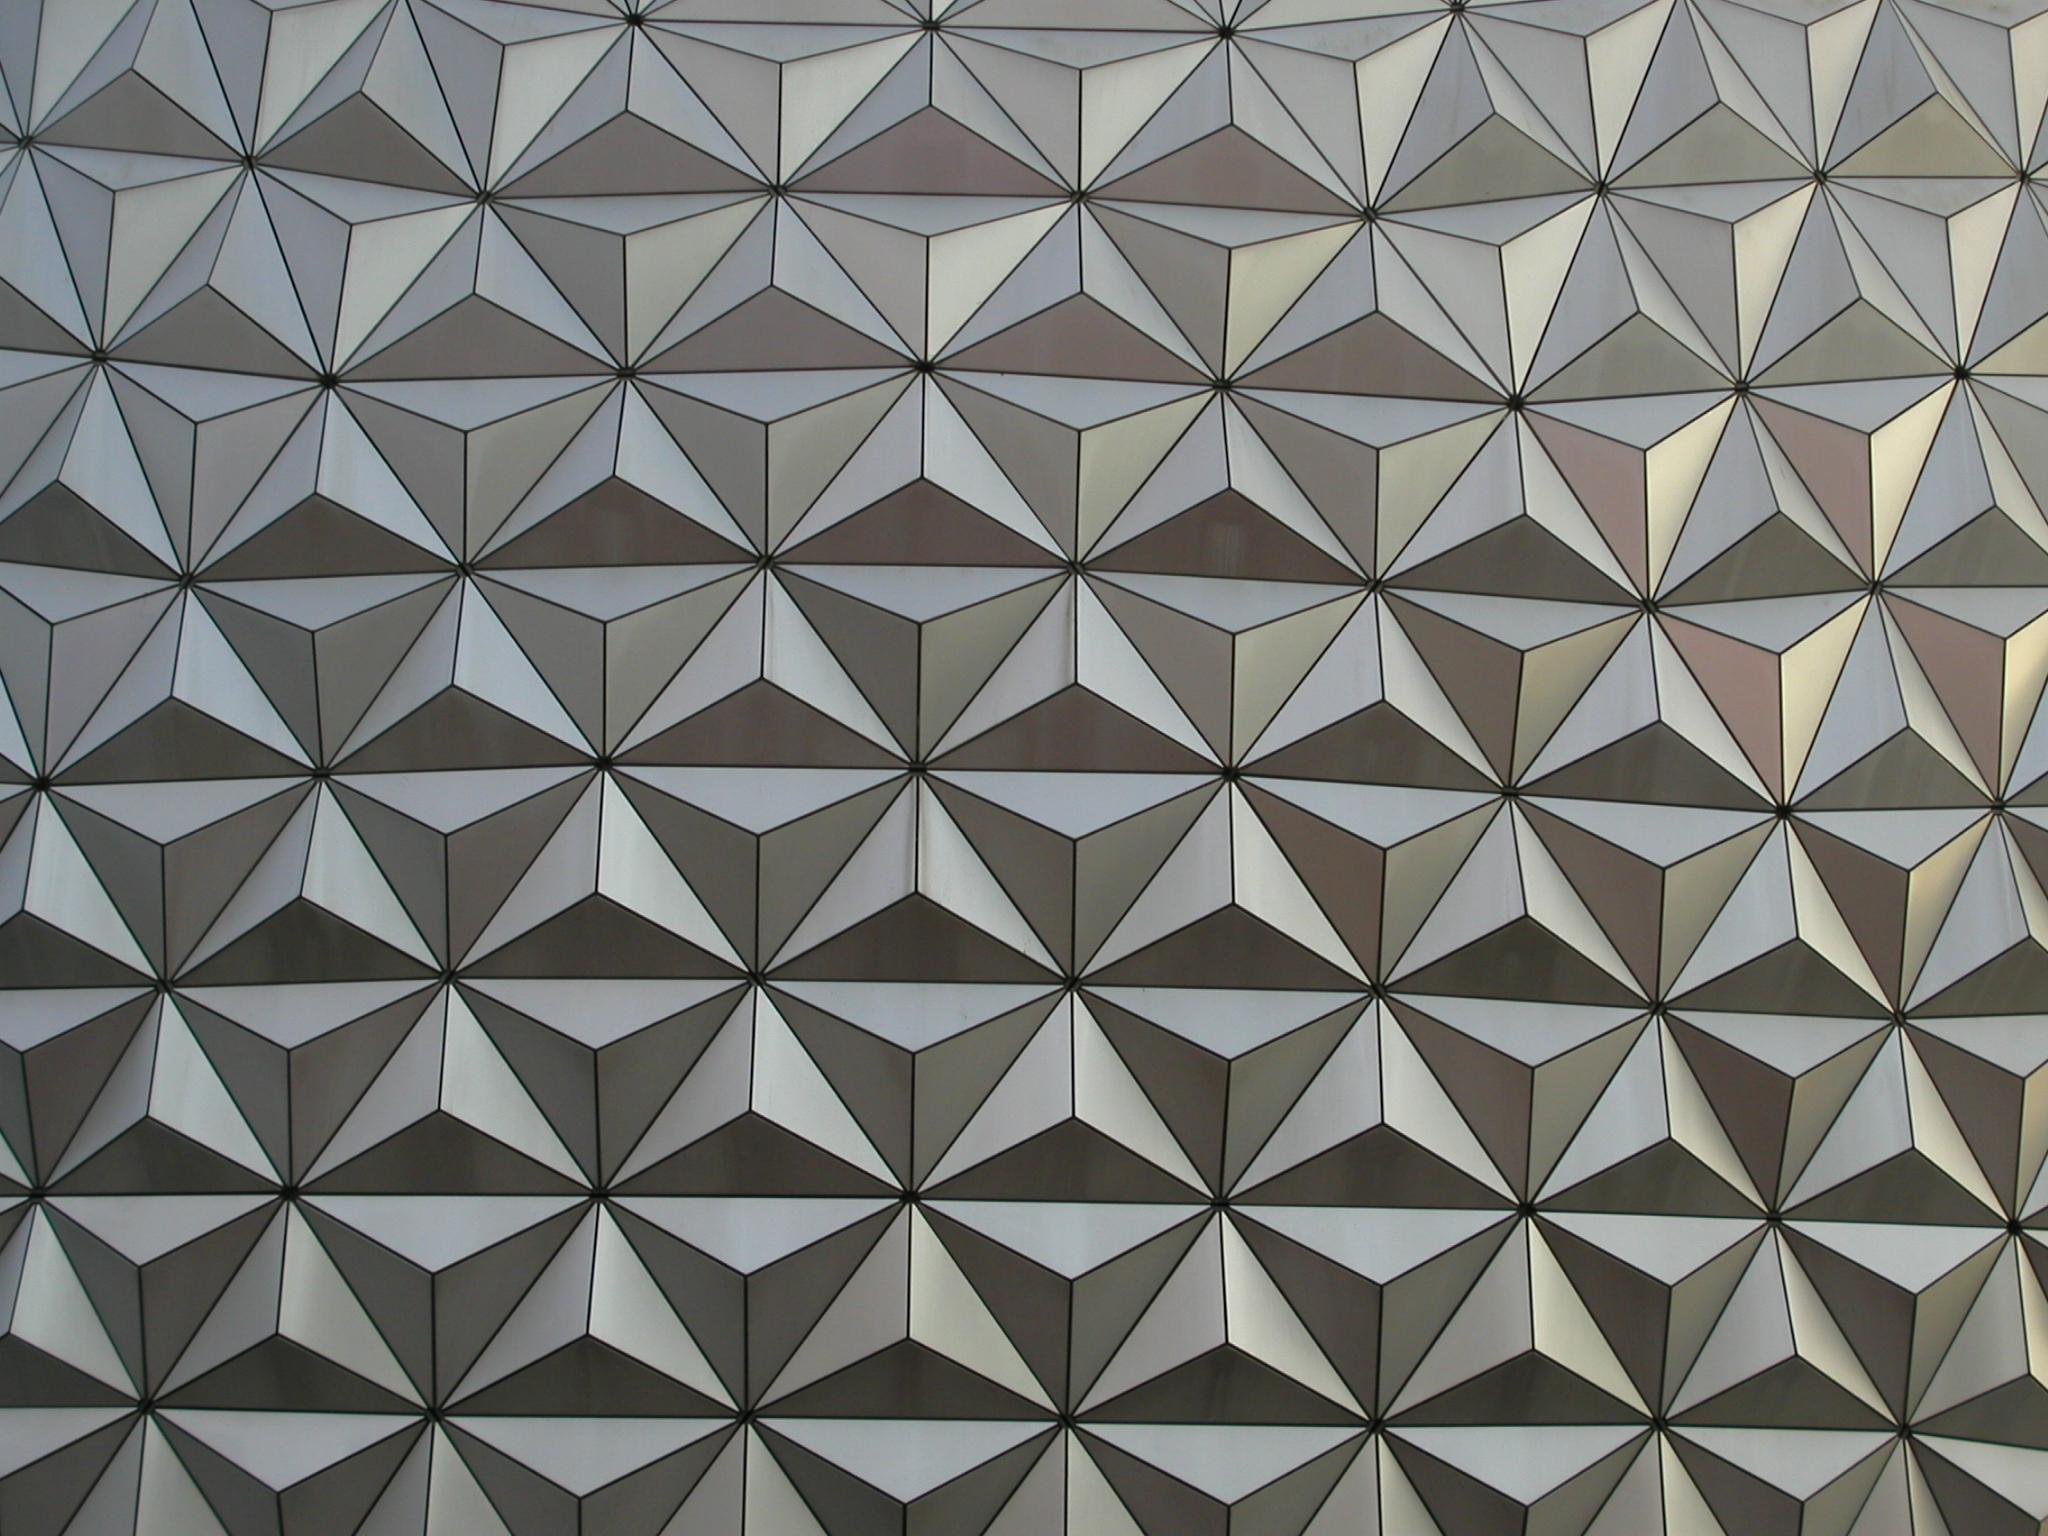 File:Spaceship Earth tiles (wide).jpg